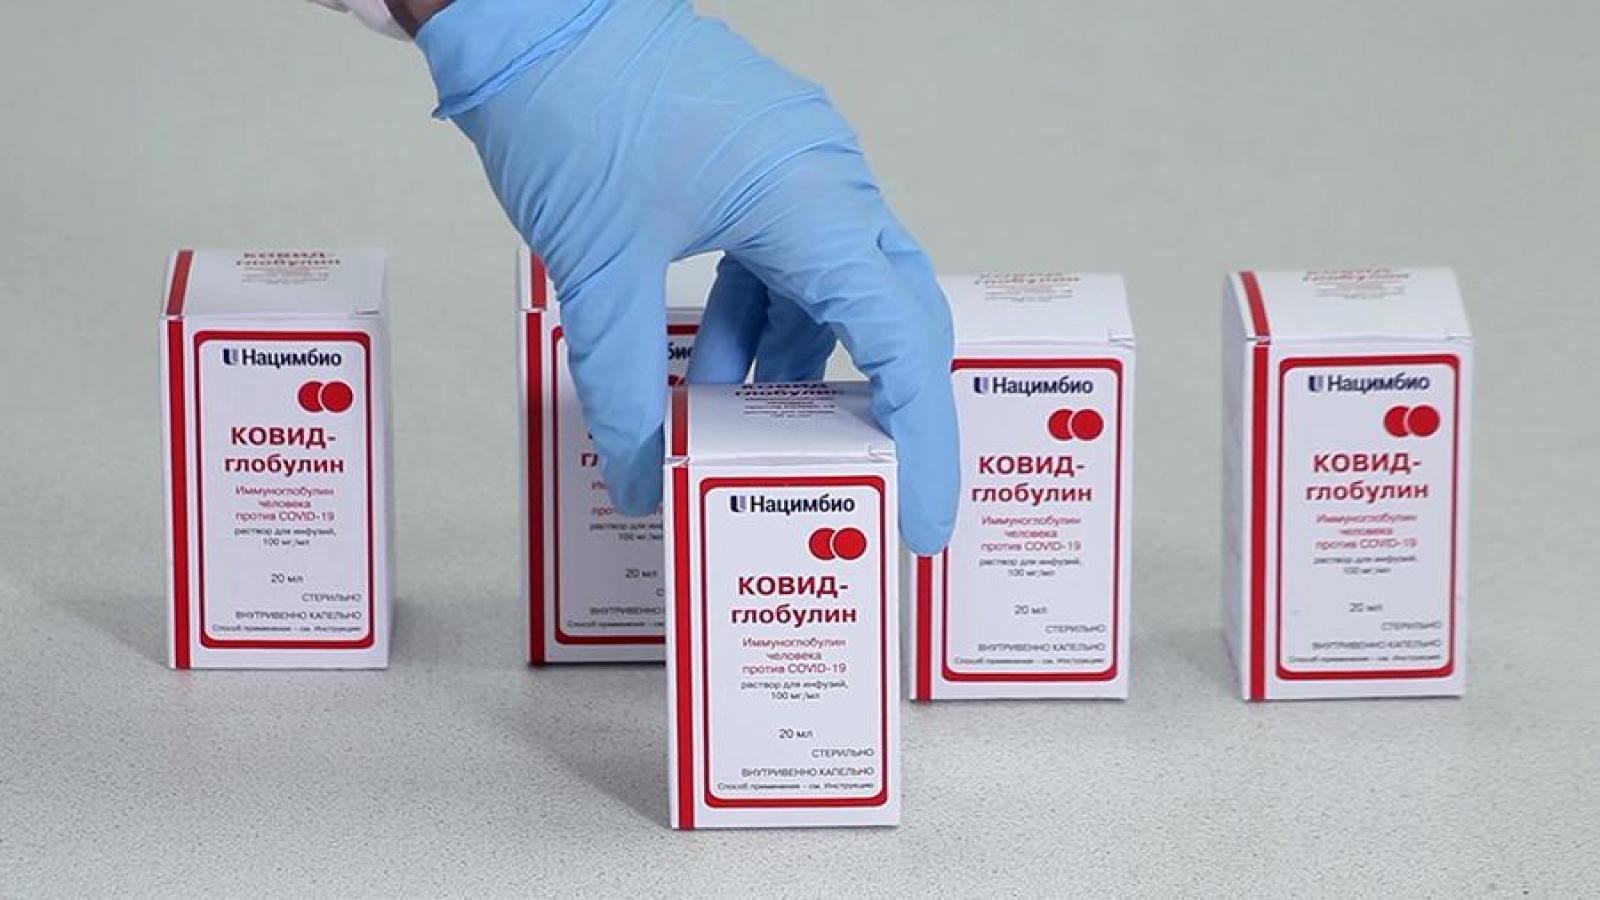 Ngabắt đầu sản xuấtthuốc chữa Covid-19 từ huyết tương người đã mắc bệnh